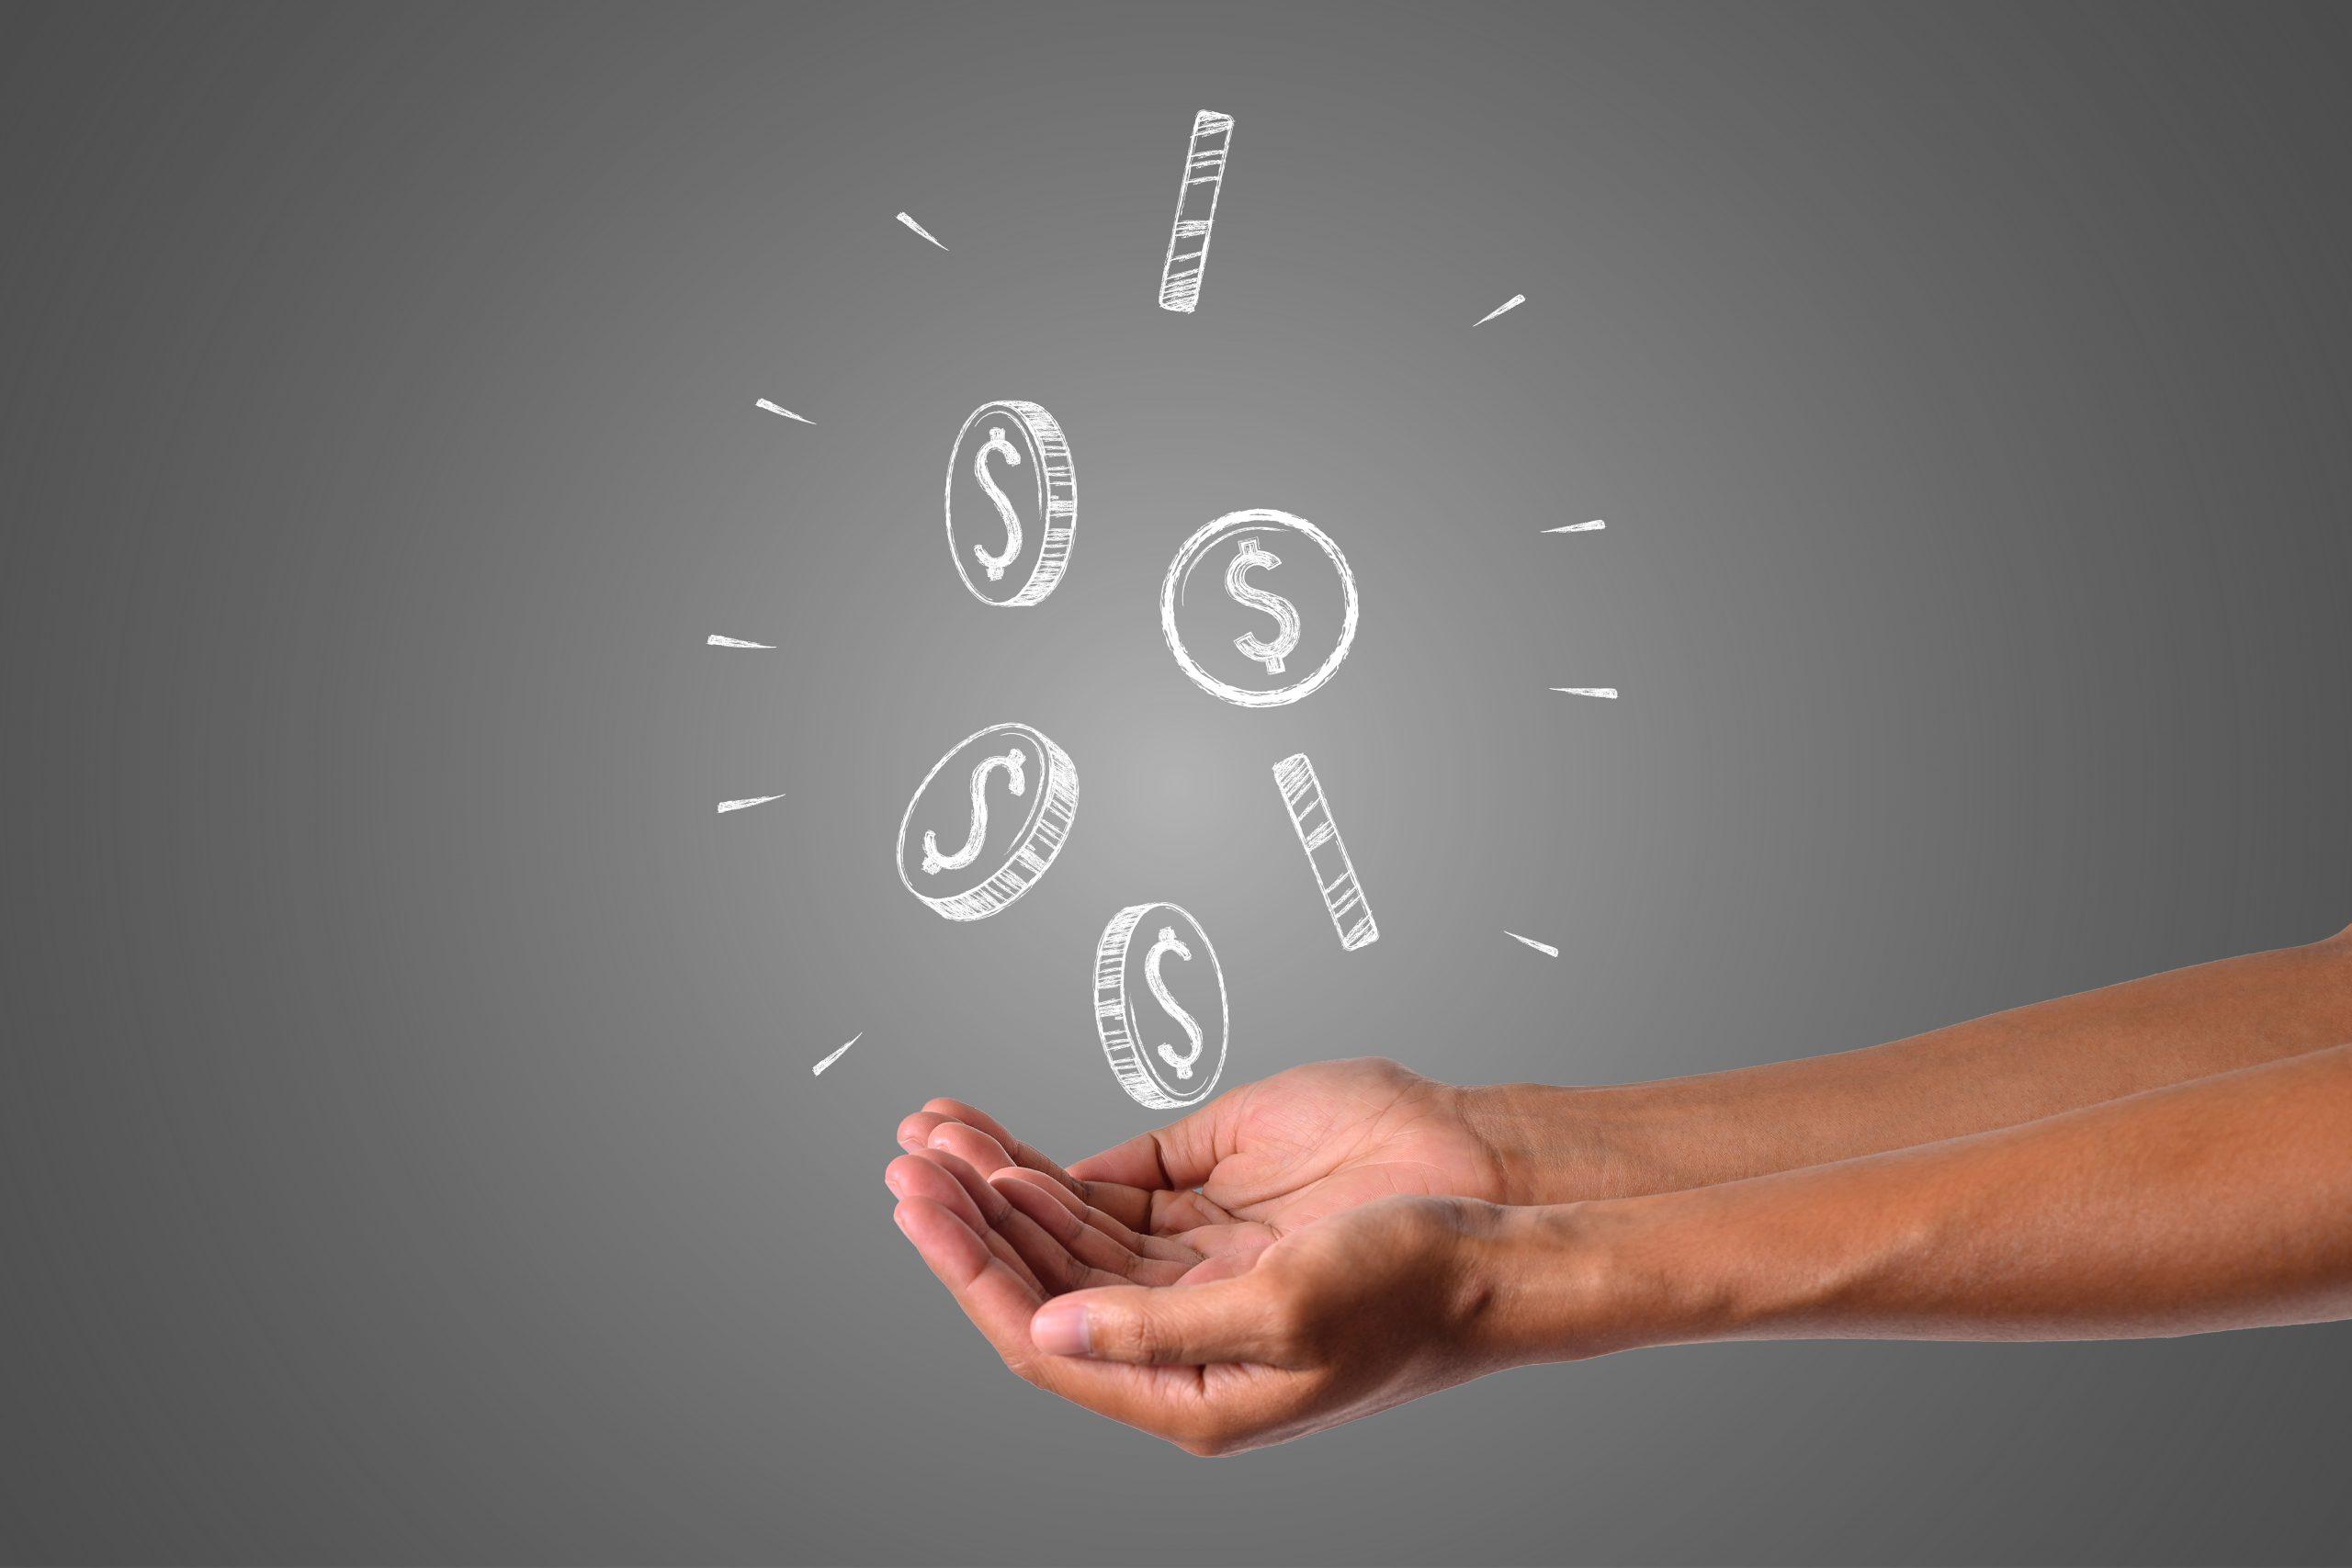 préstamo, SAT, dinero, pago, cuenta bancaria, depósito, transferencia, ingresos, recibo, contribuyente